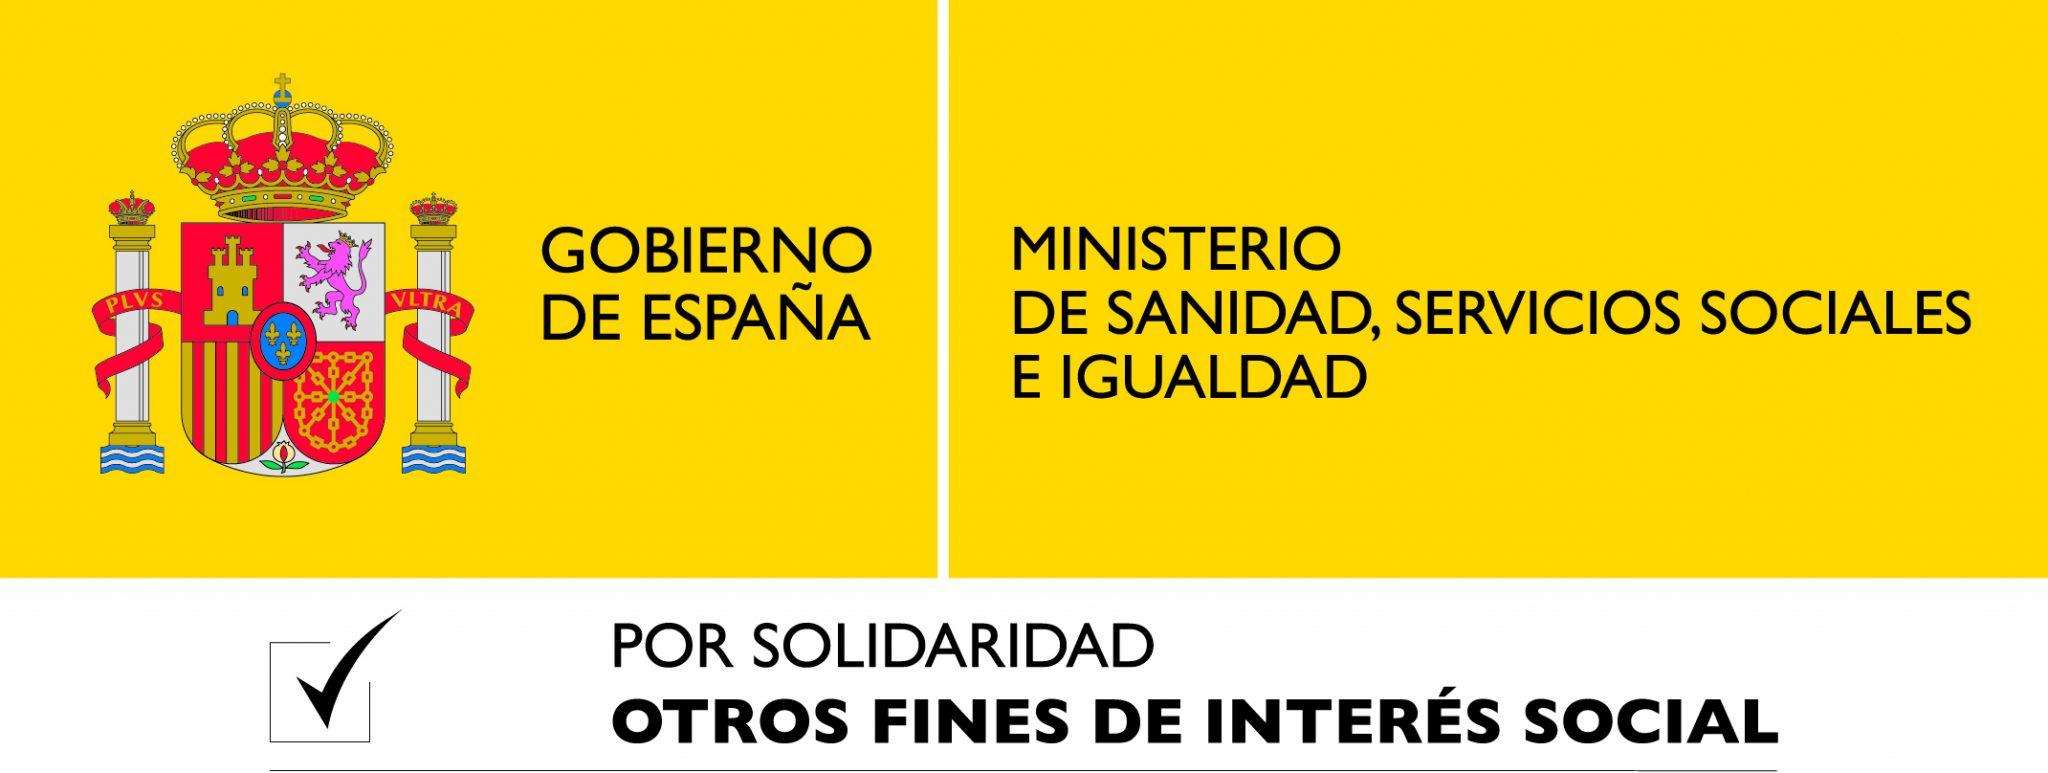 Asociación Mará Gobierno de españa